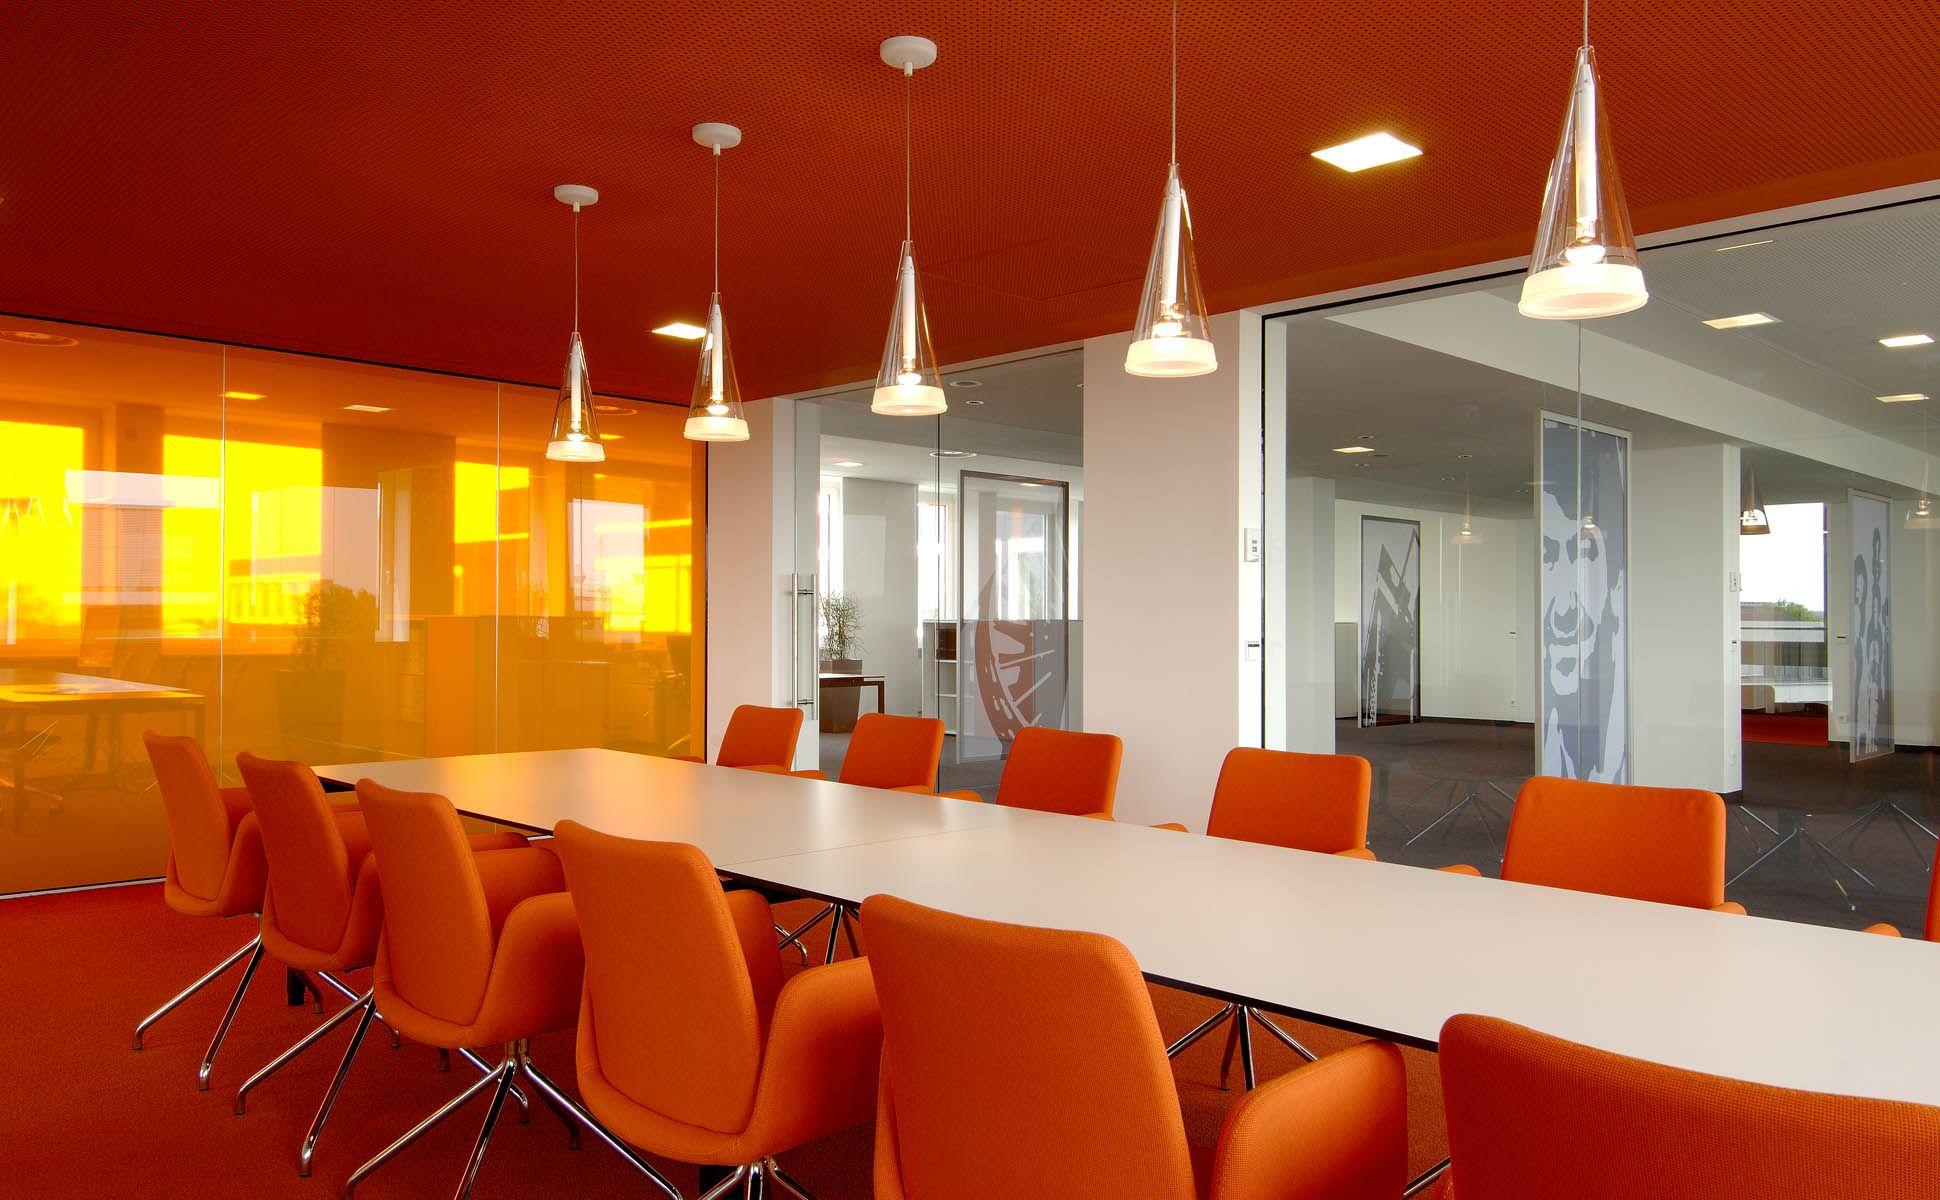 bkp Open Space Meeting Tisch planmöbel m pur Meeting Stuhl